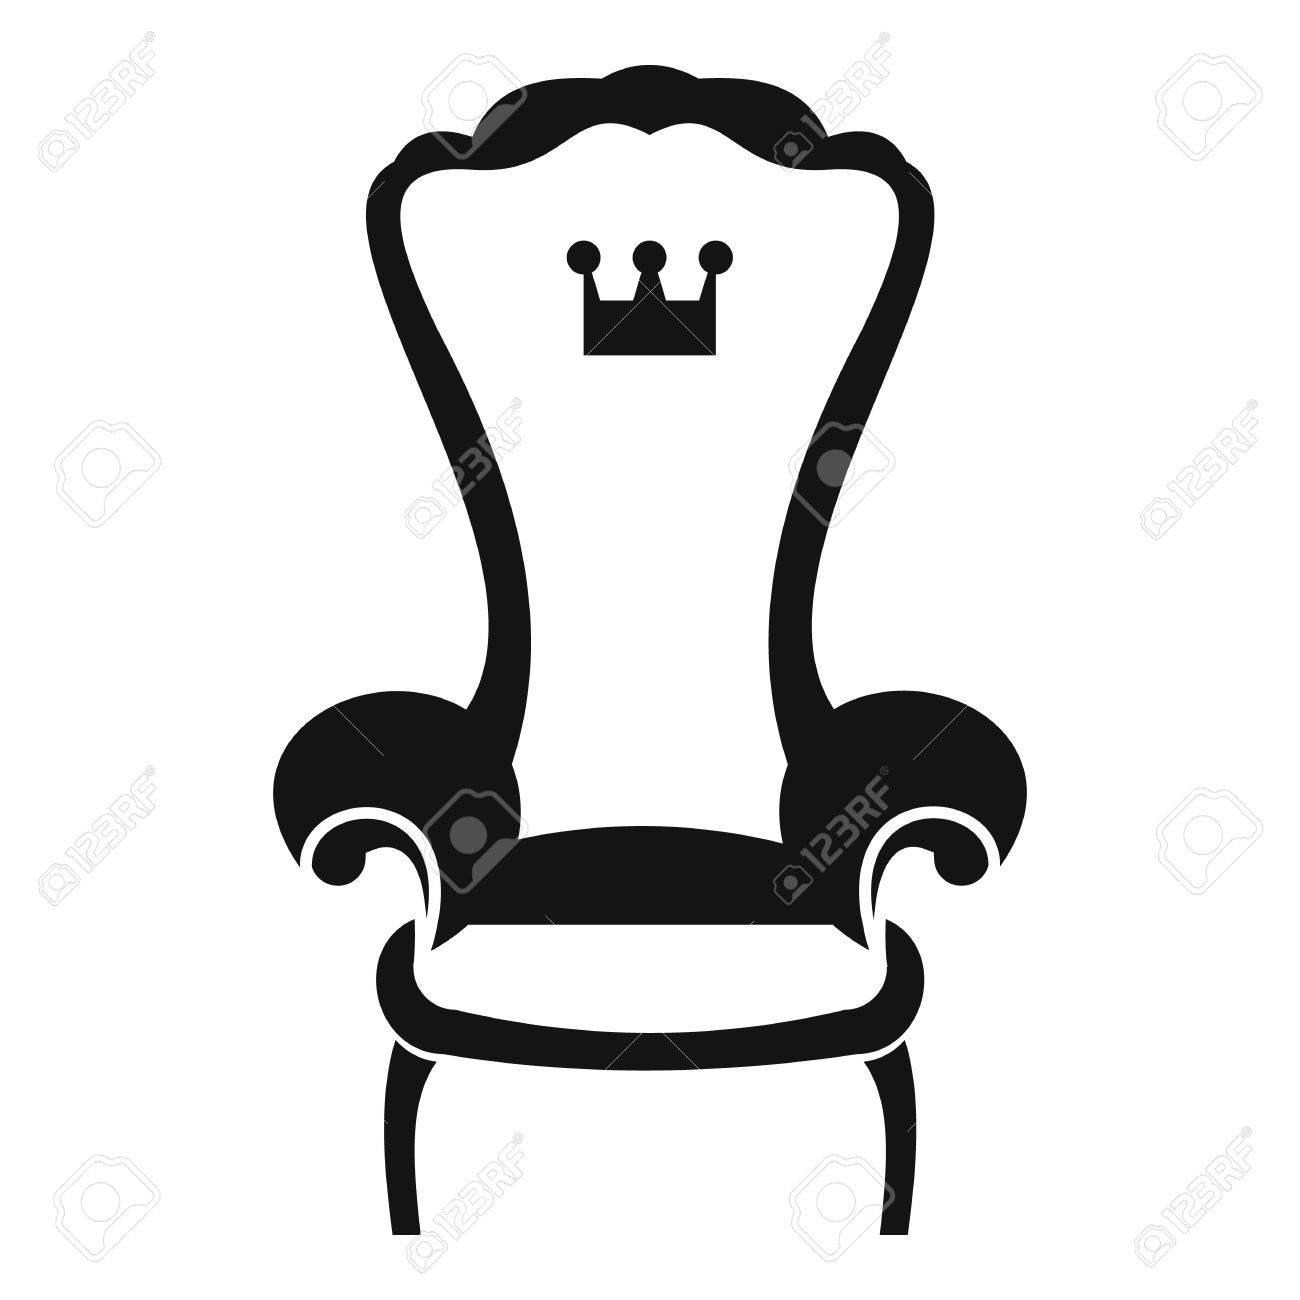 Roi Chaise Trone Icone Dans Un Style Simple Sur Fond Blanc